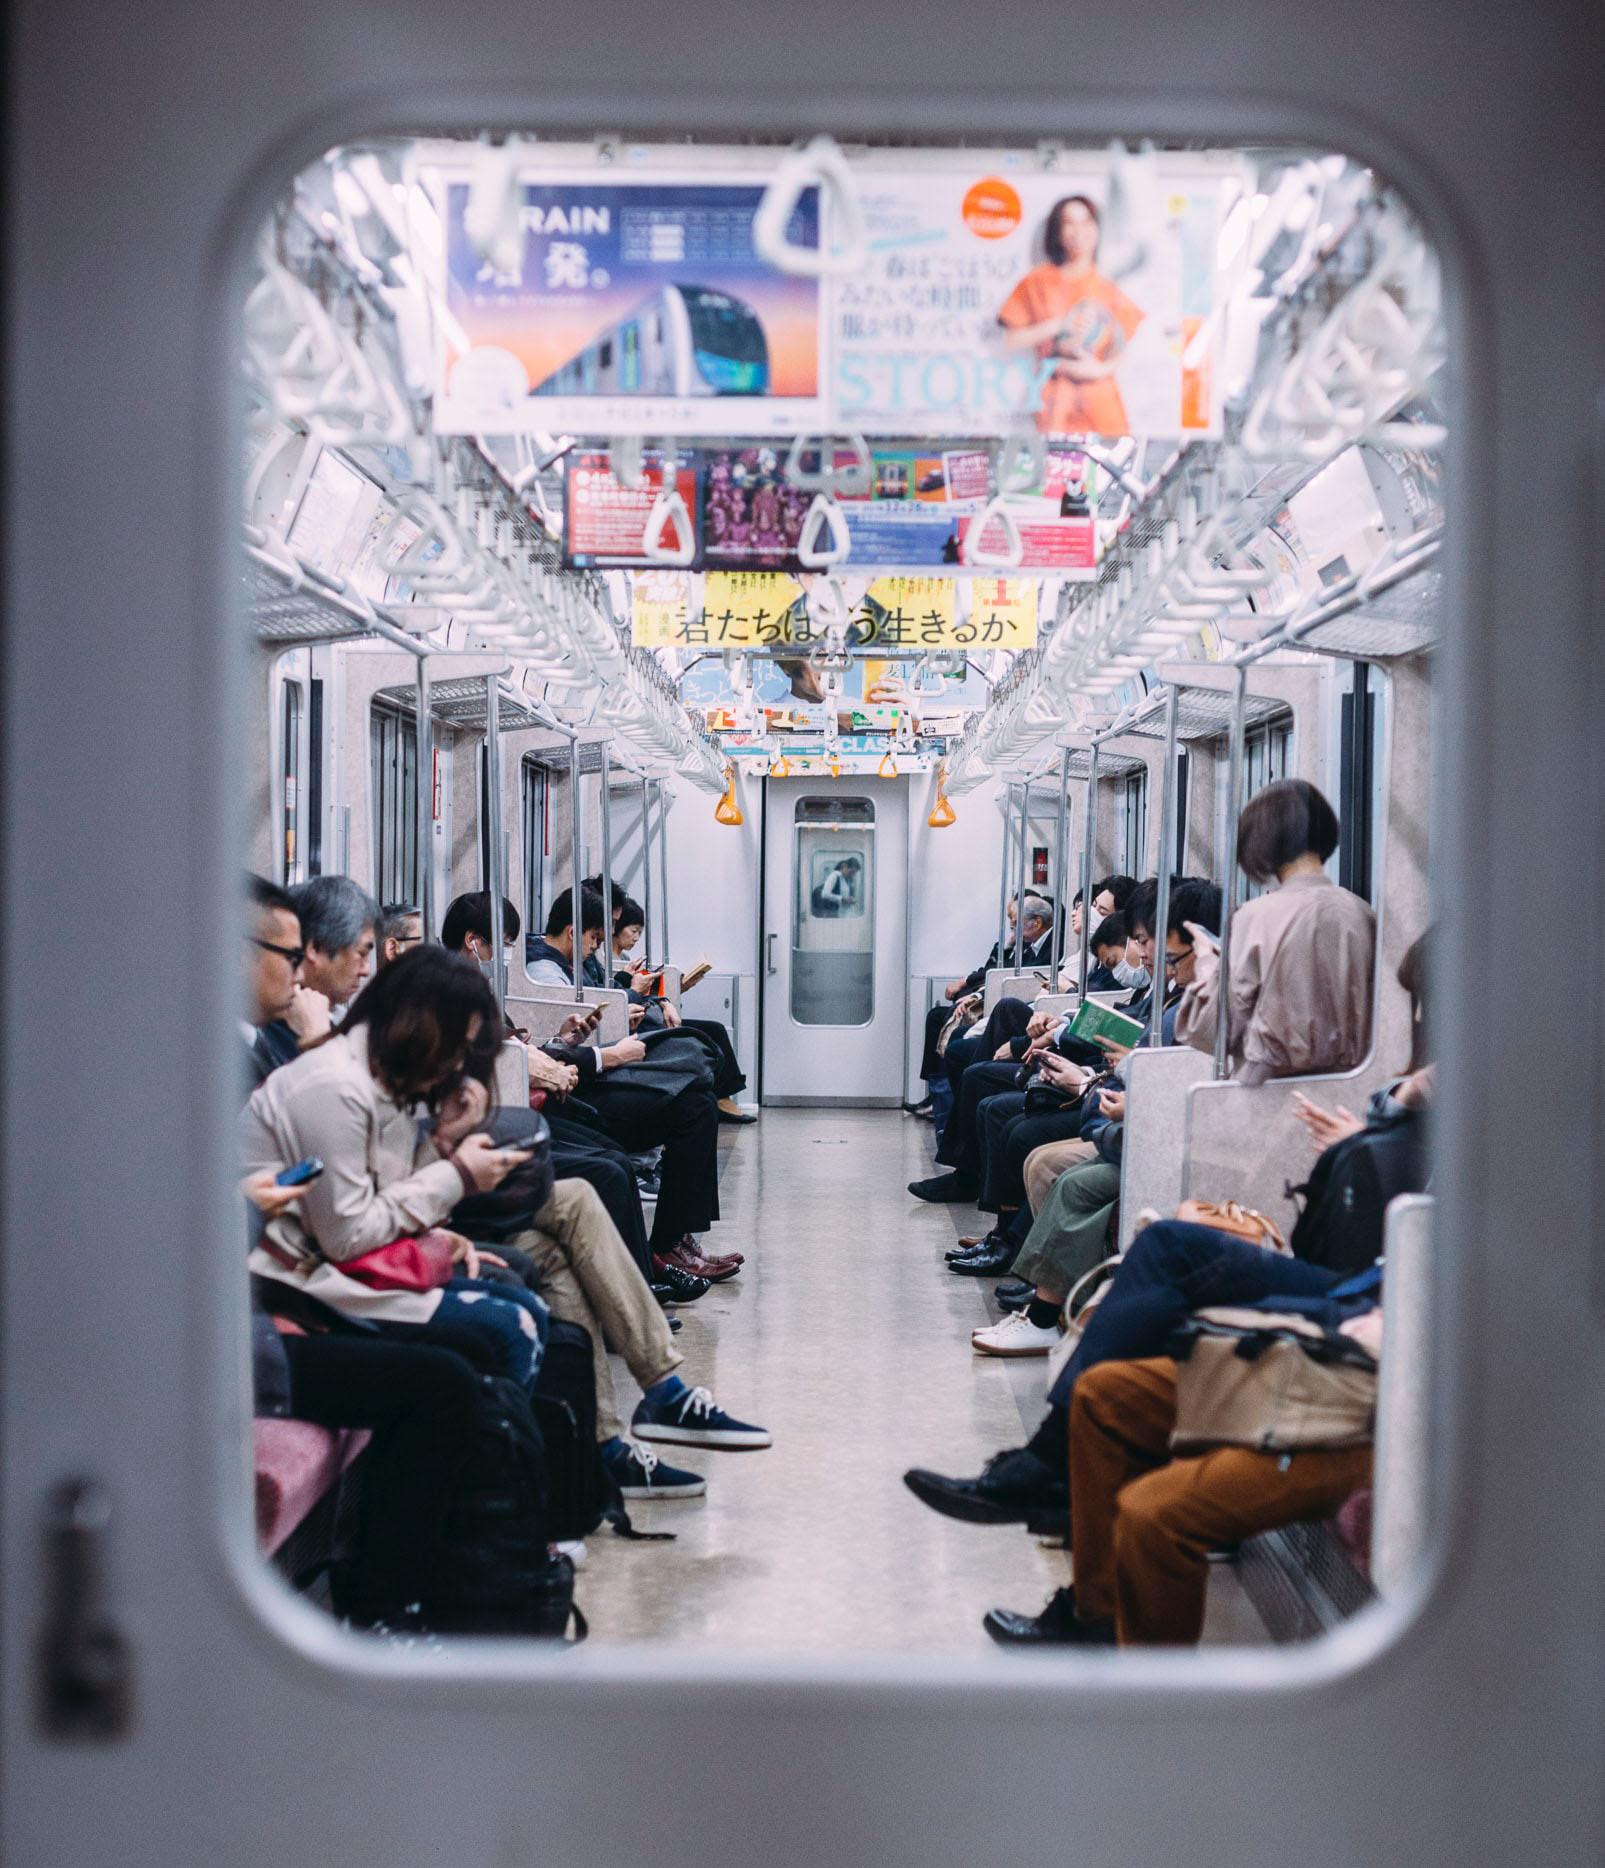 本当に「裕福」?日本の貧困率が高い理由を読み解くための基礎知識